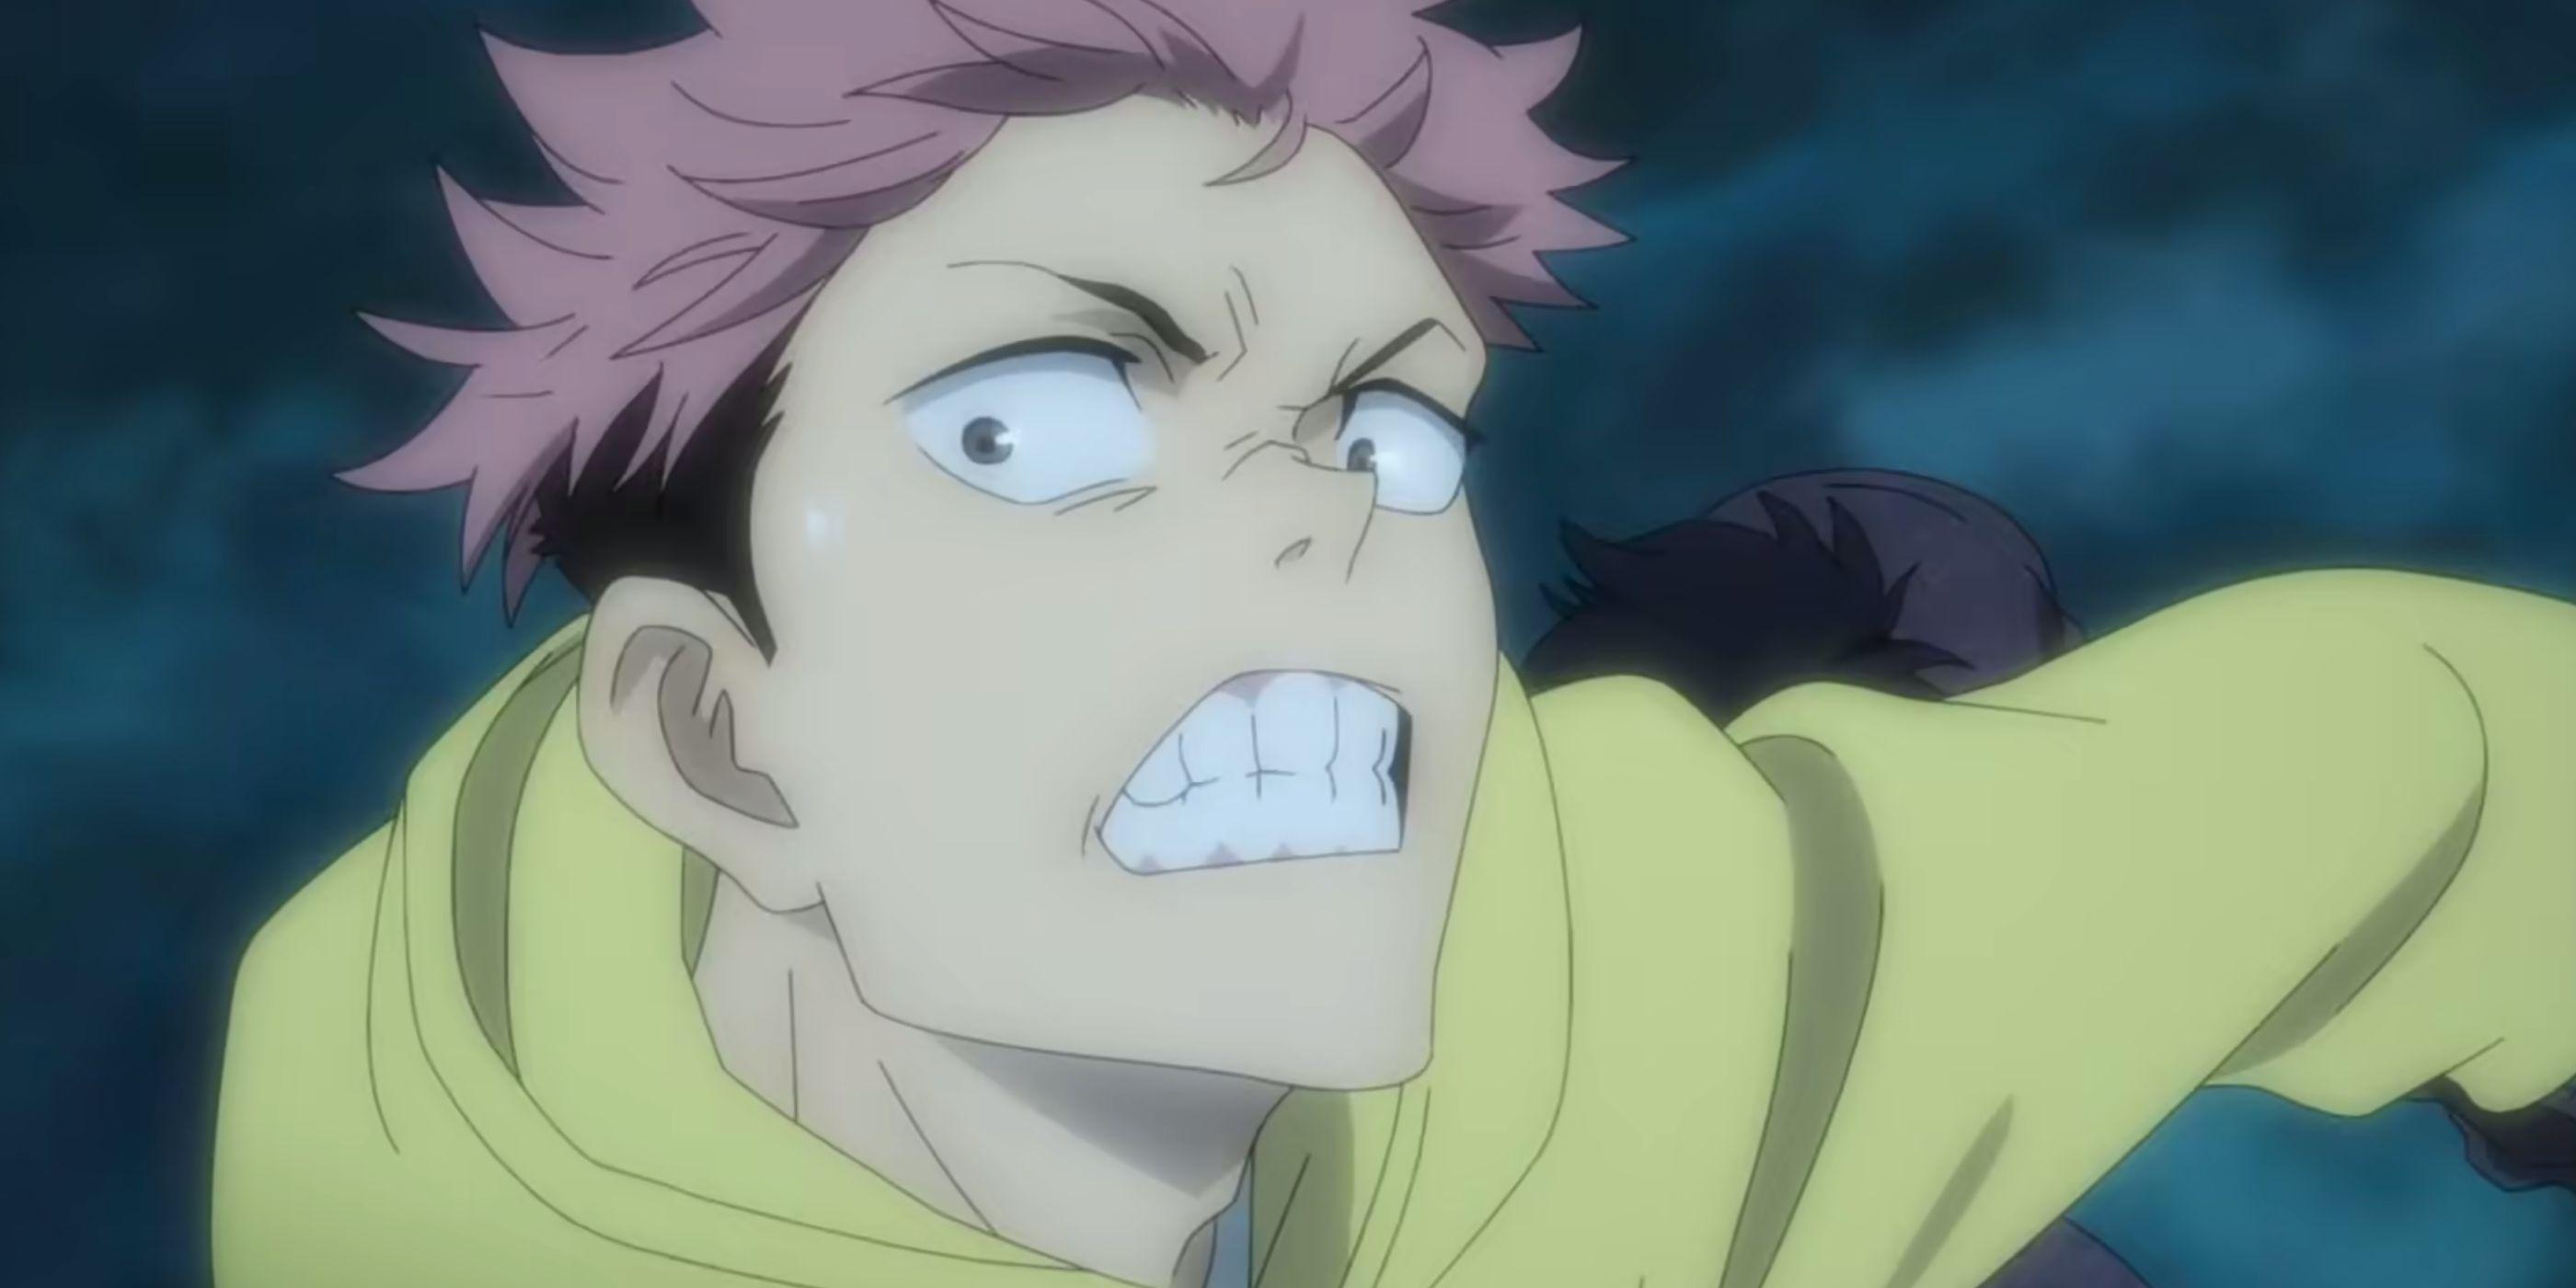 Guia de Personagens Jujutsu Kaisen: Quem é quem no anime da Shonen Jump 1